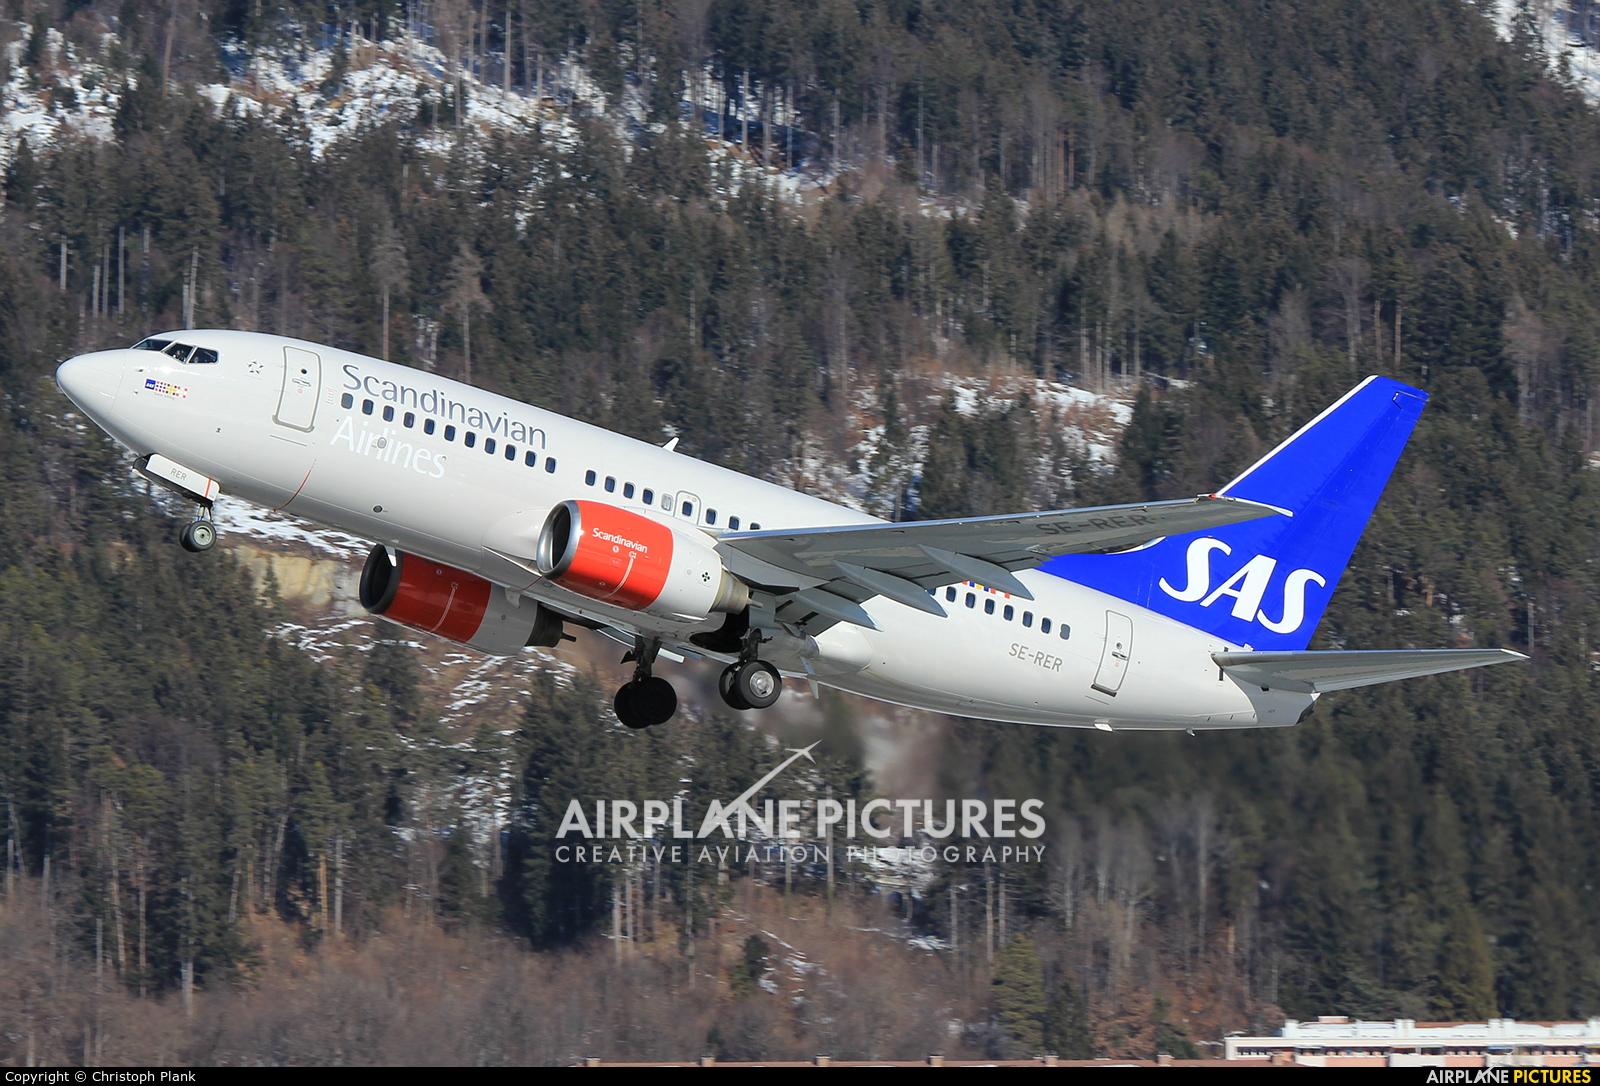 SAS - Scandinavian Airlines SE-RER aircraft at Innsbruck